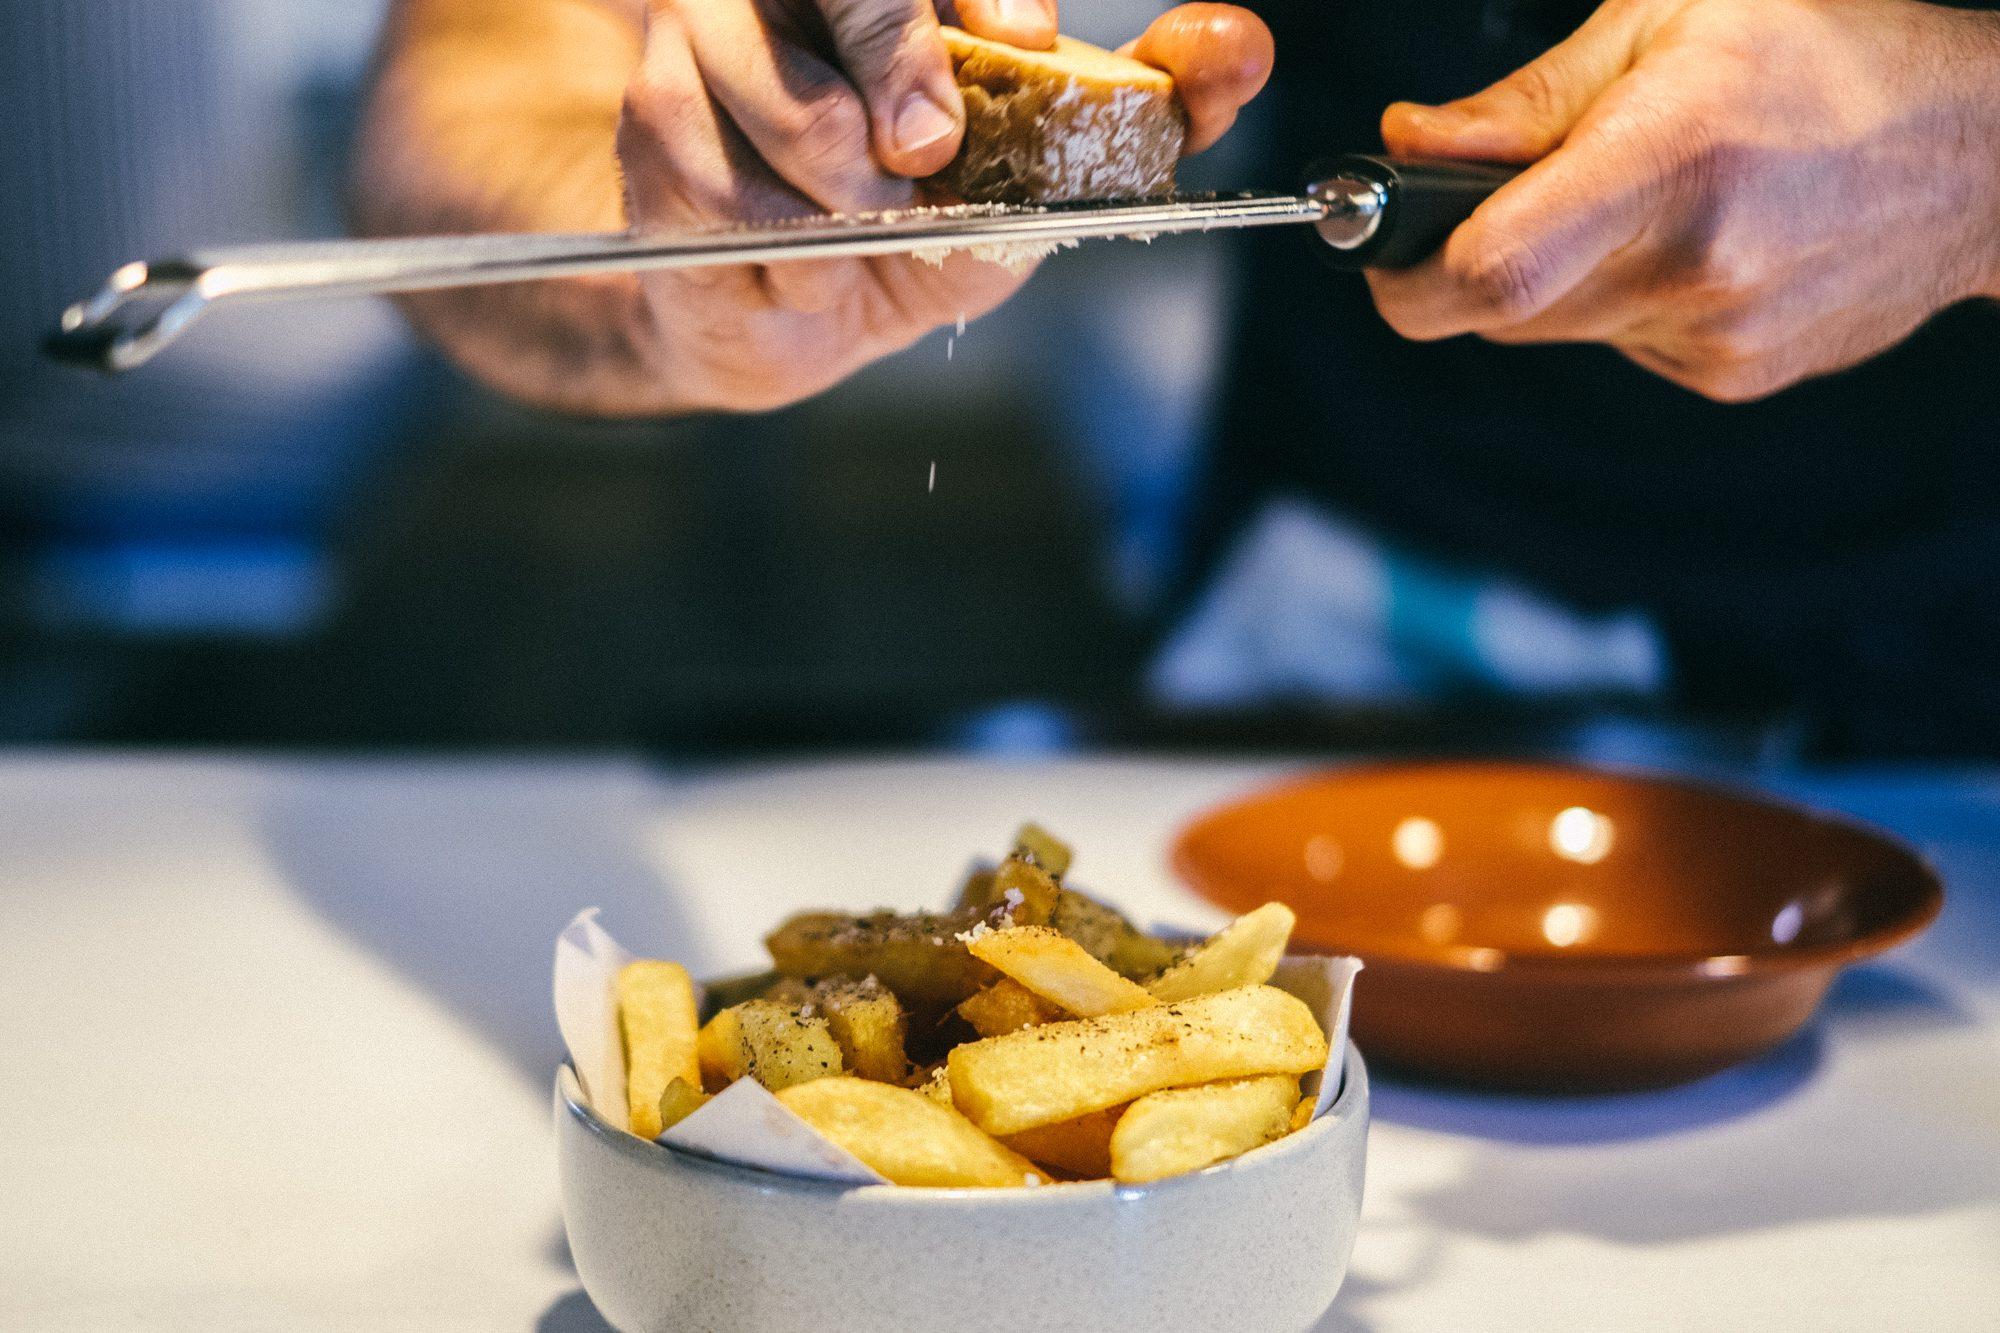 Aquele momento épico em que Bruno rala o toucinho curado sobre as batatas fritas da casa. (foto: © Tiago Pais / Observador)